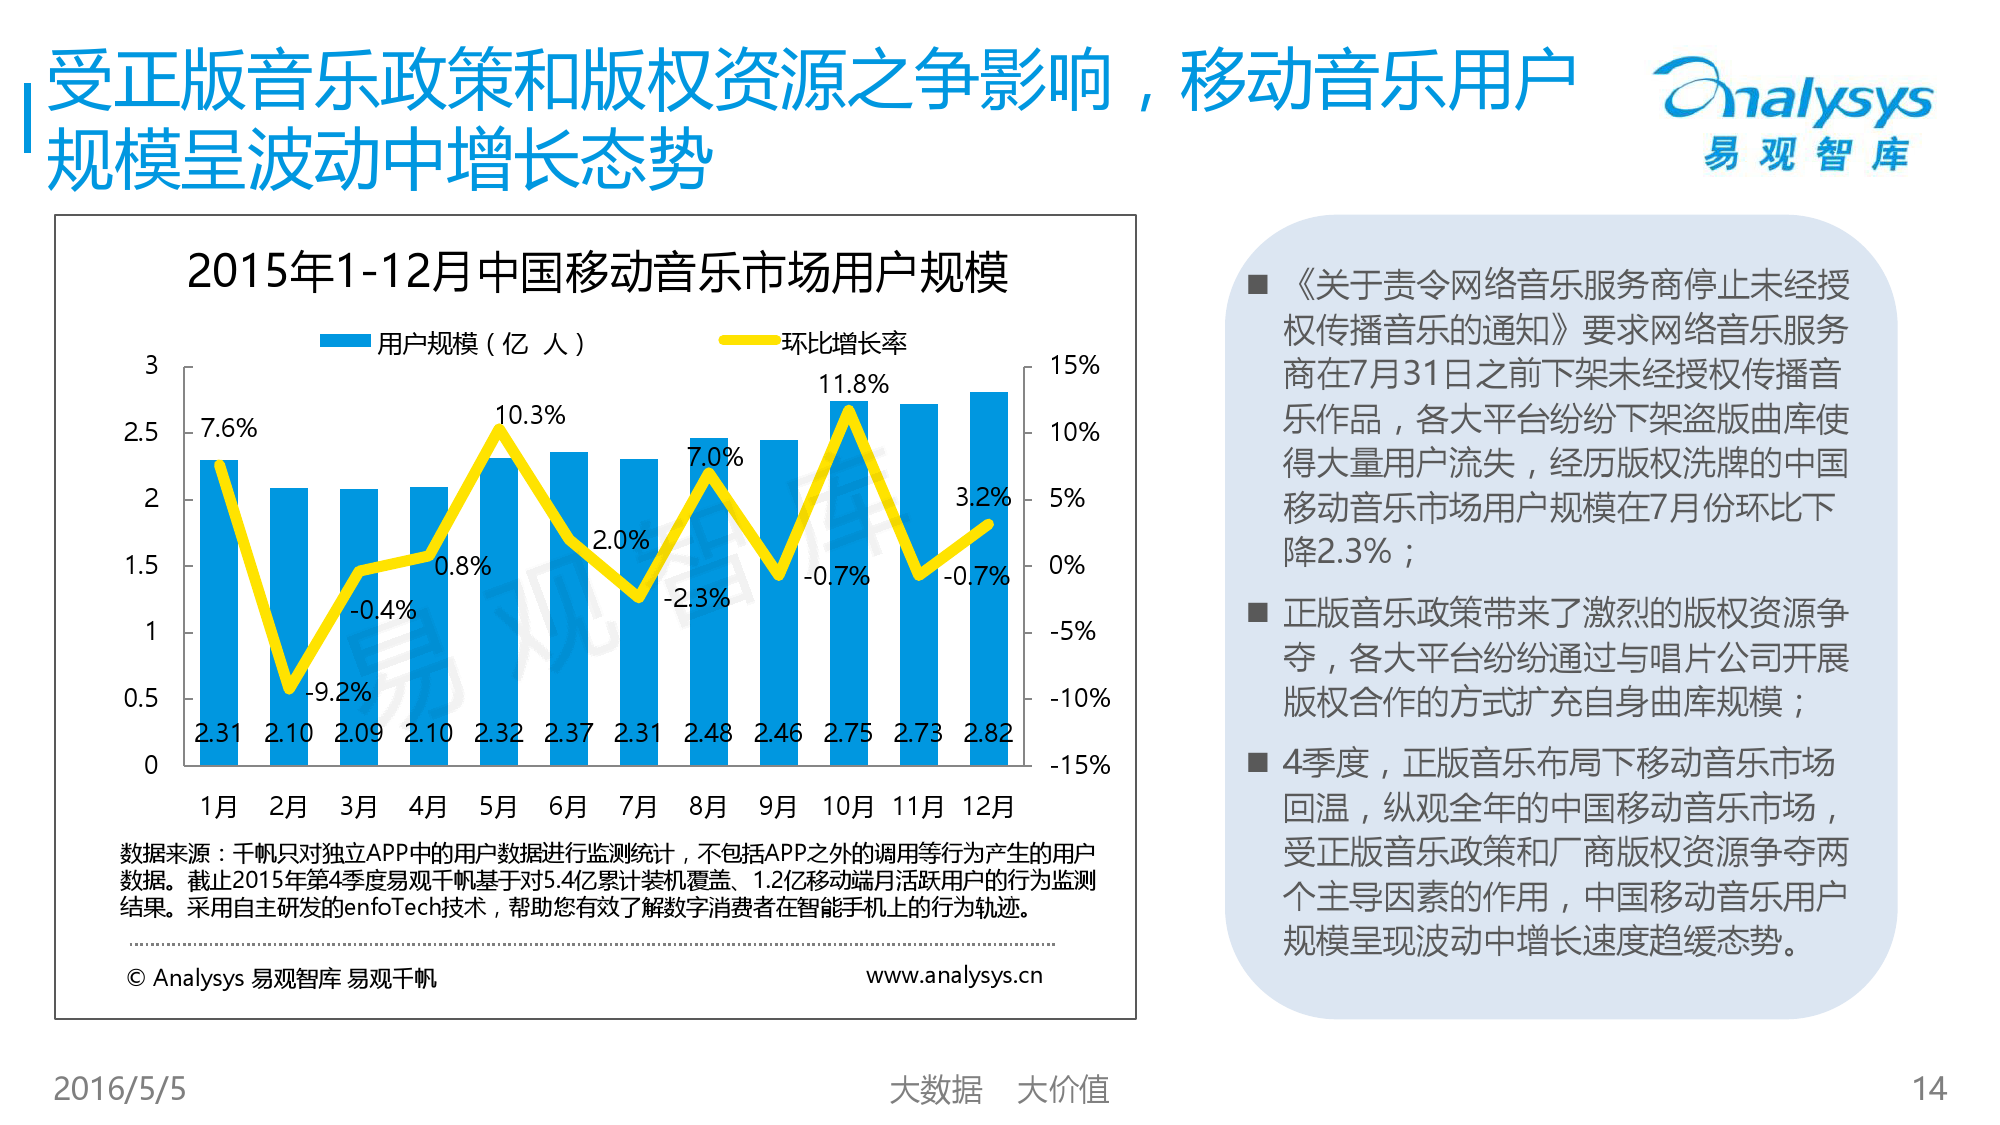 2016中国移动音乐市场年度综合报告_000014